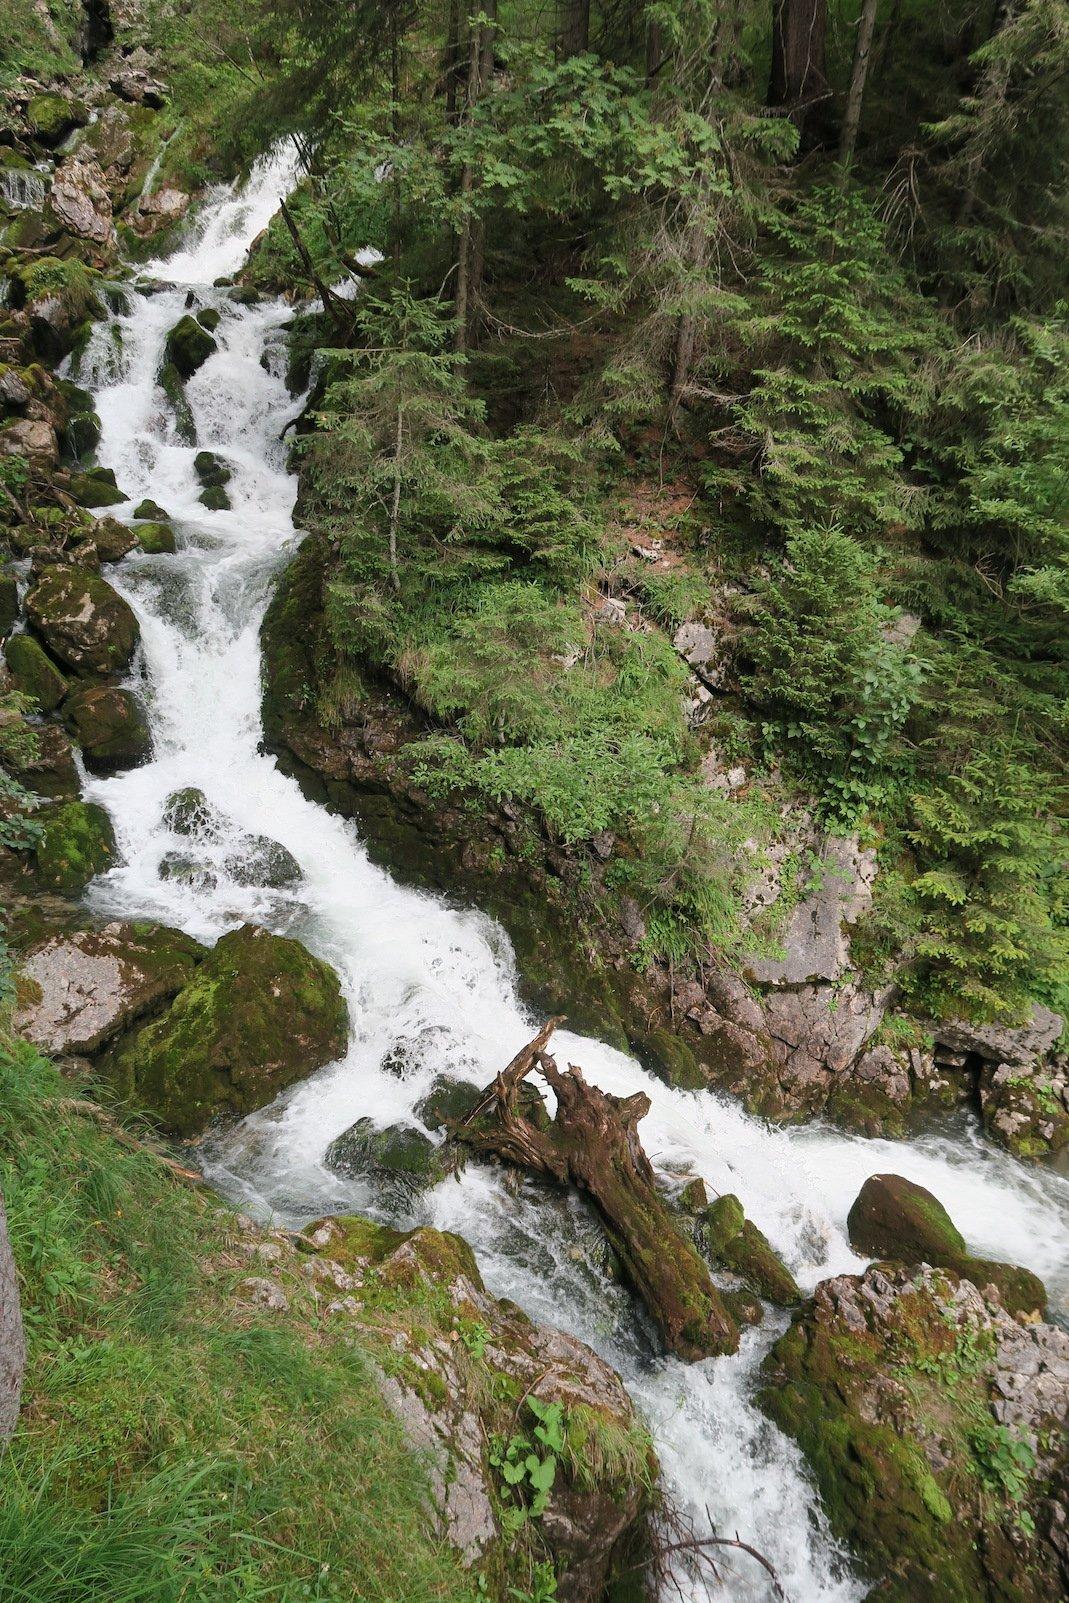 Doser Wasserfall weiter oben